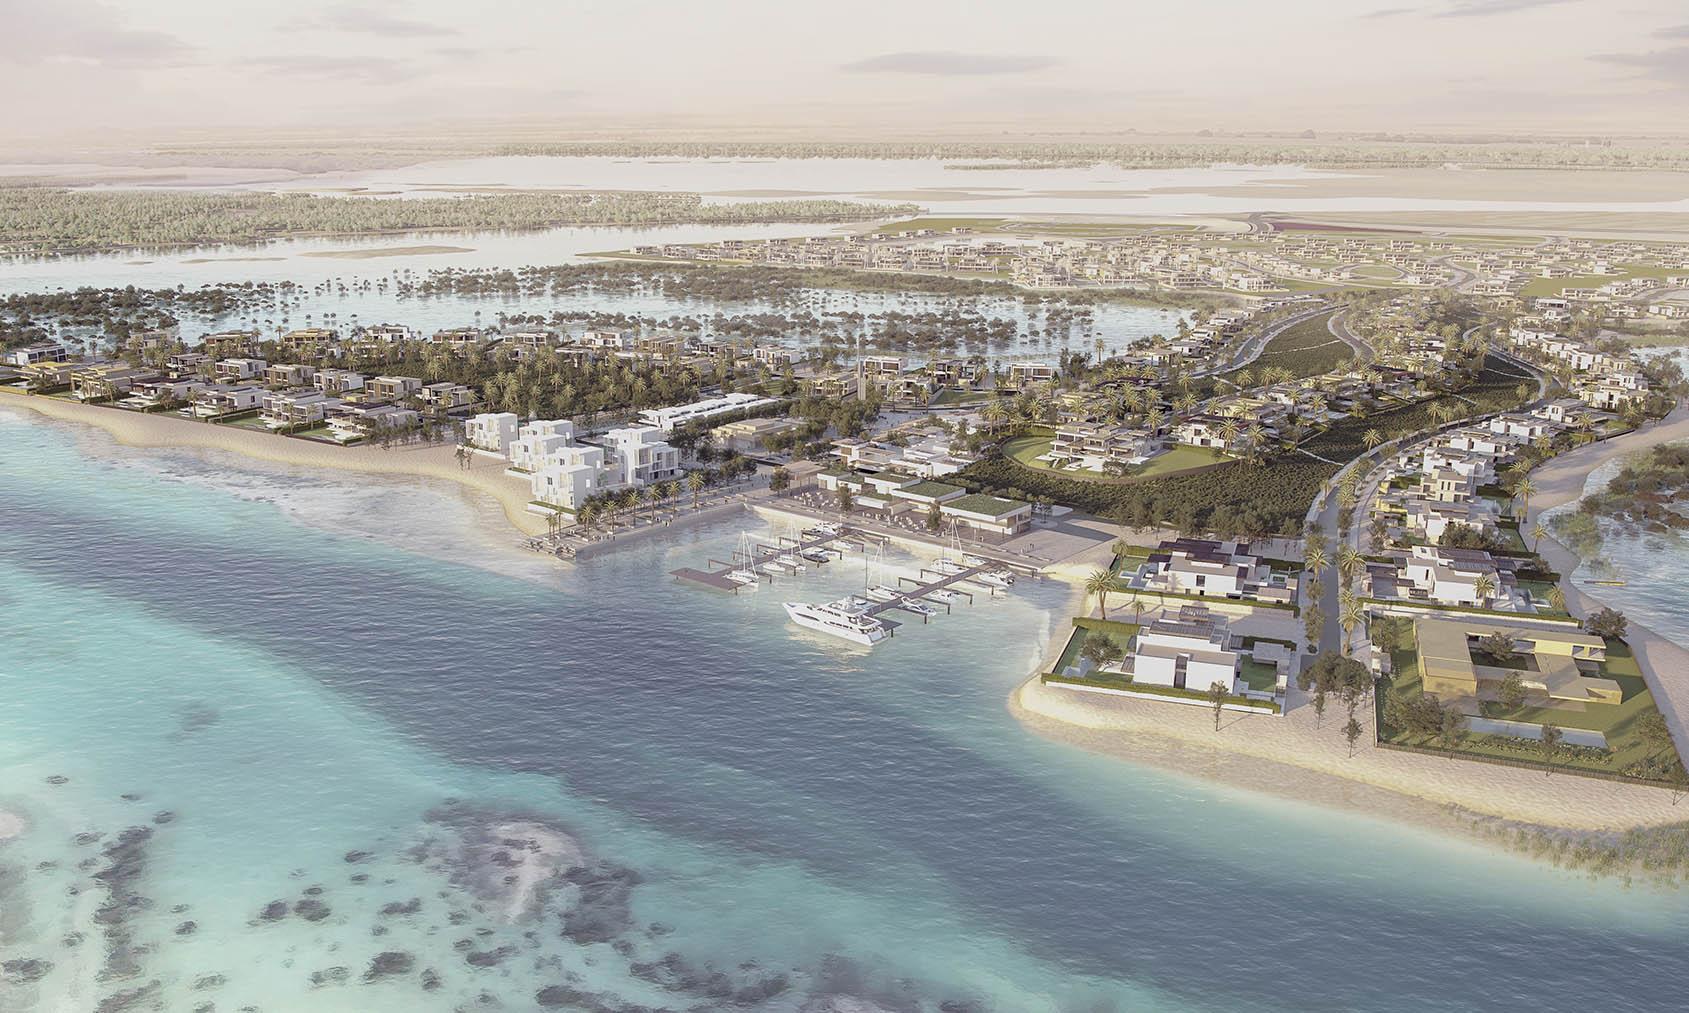 Megaproyecto de lujo de Ramón Esteve en una isla de Abu Dabi El Periòdic d'Ontinyent - Noticies a Ontinyent